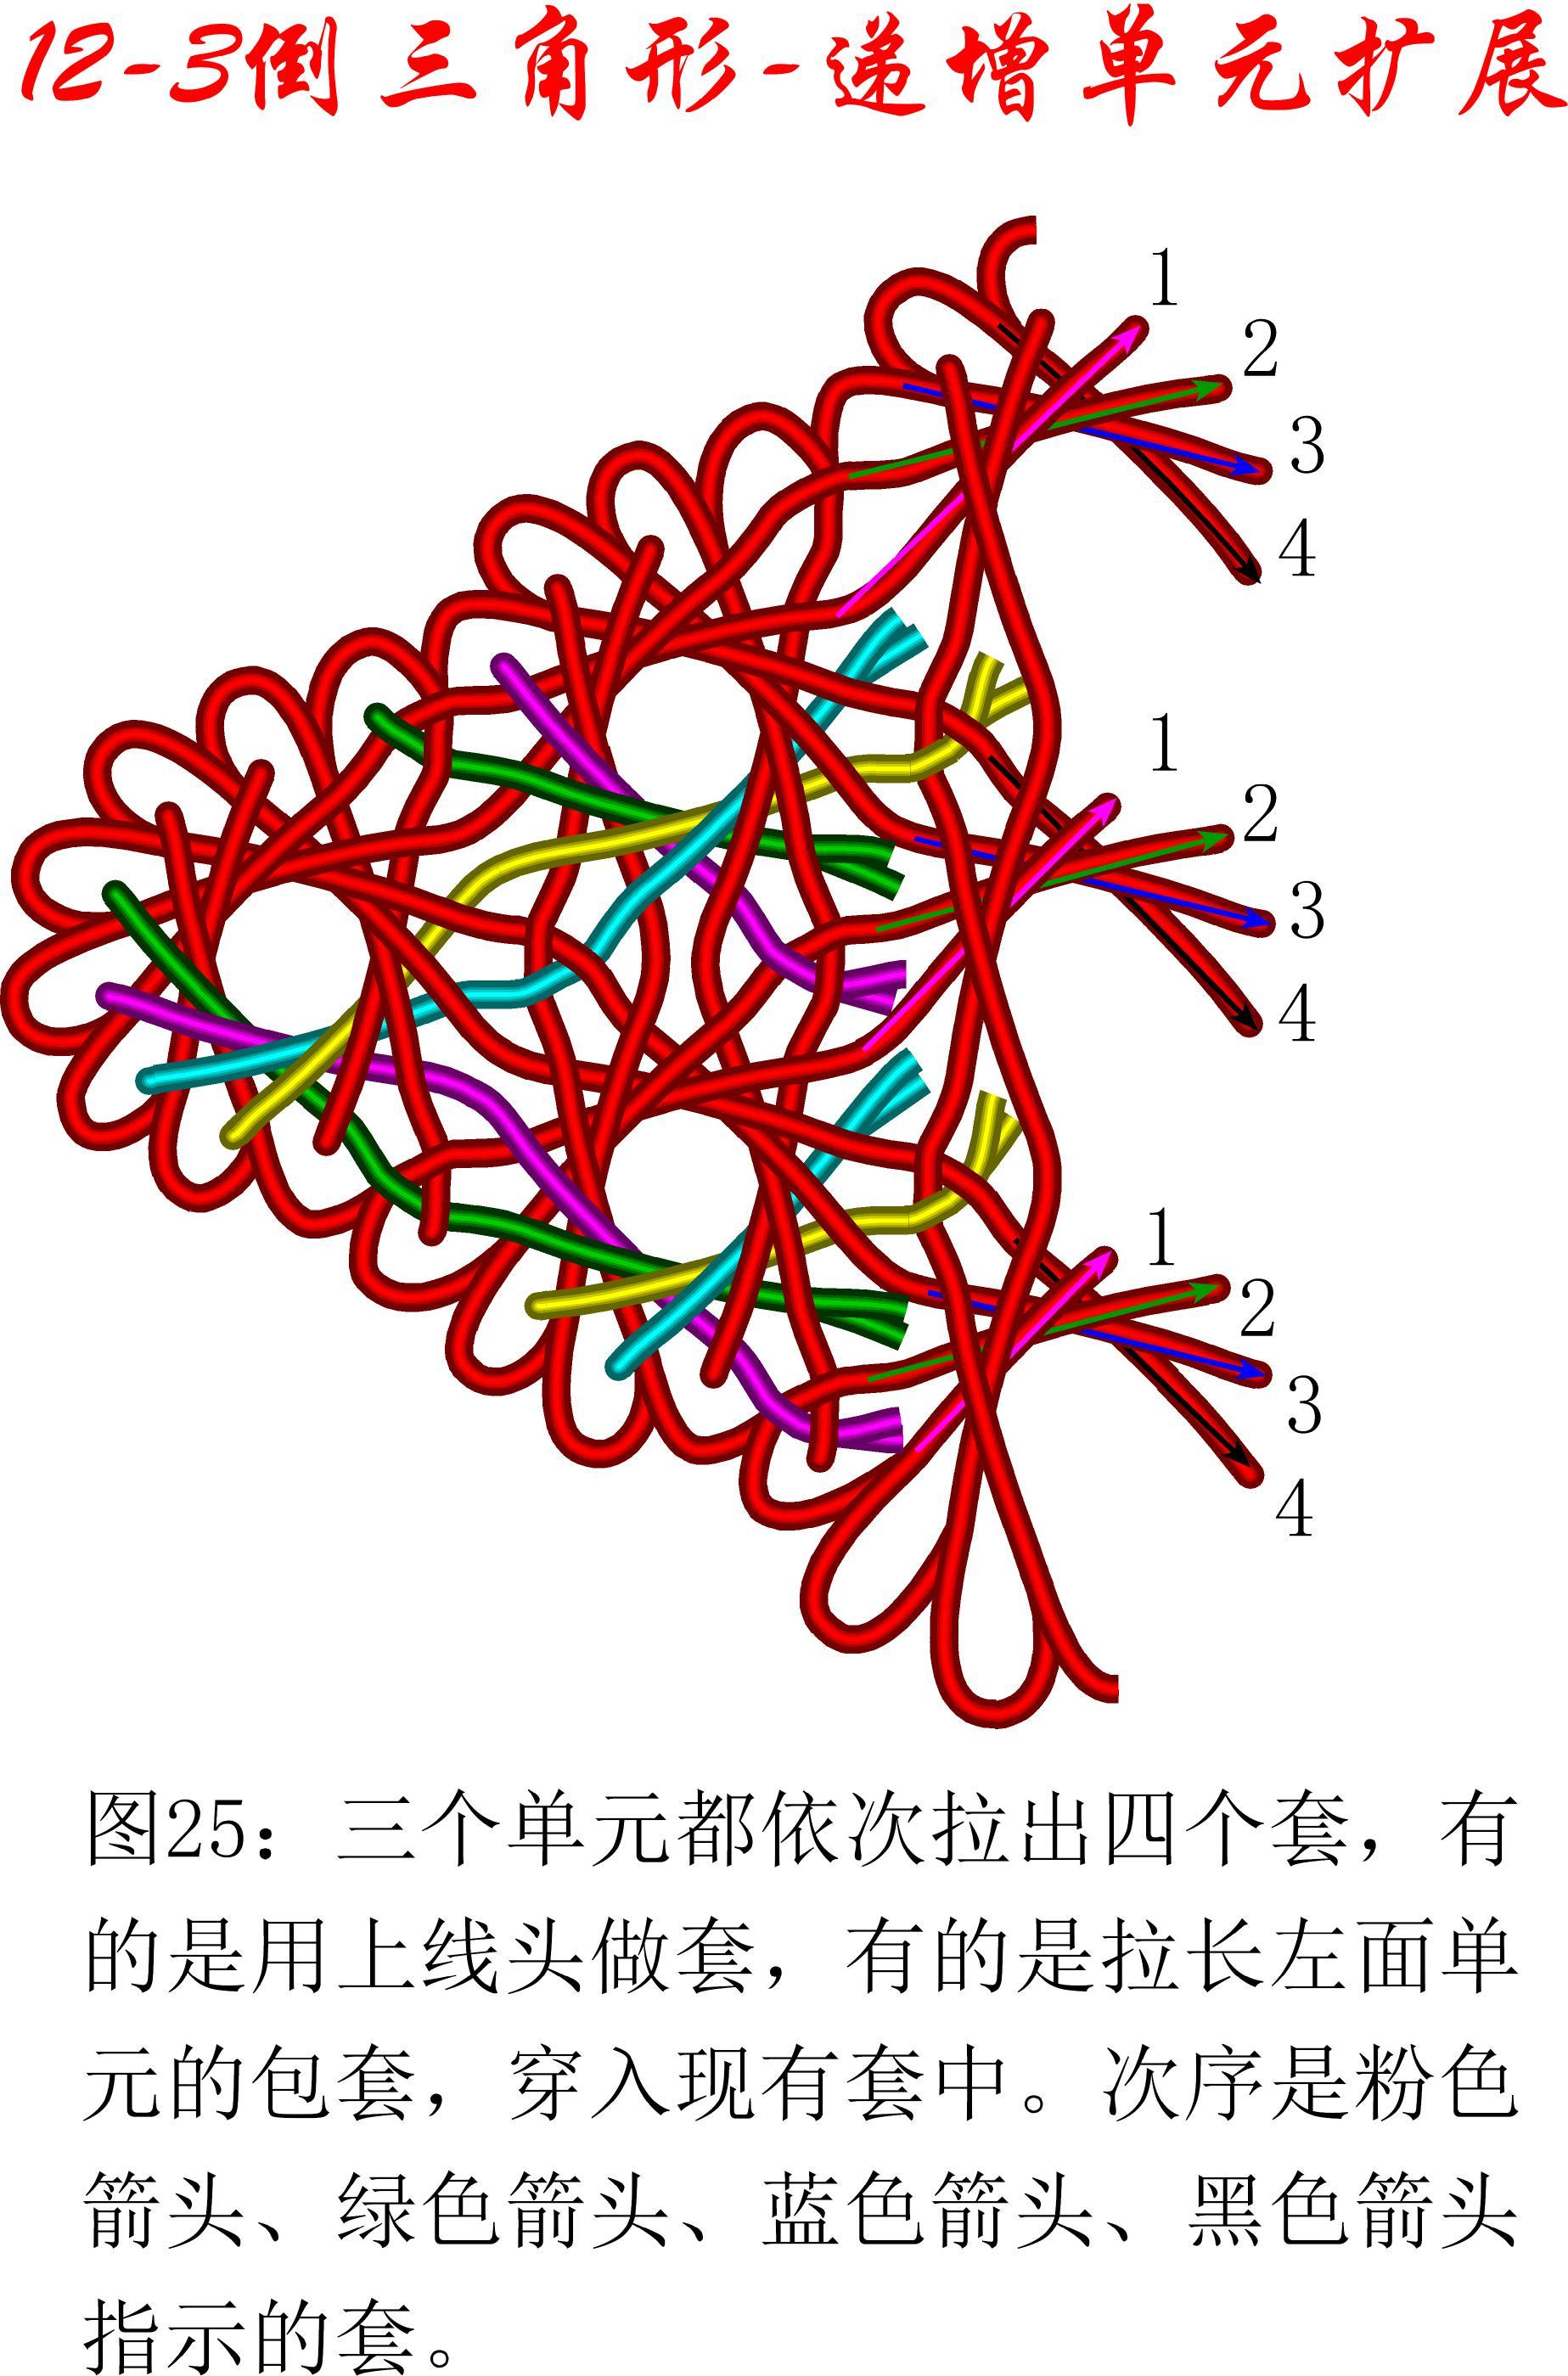 中国结论坛 12-3盘长增加单元扩展方法--倒三角盘长徒手教程 有可用空间无法扩展卷,不小心转换成动态磁盘,教程,扩展单元扩展模块区别,时钟扩展单元 丑丑徒手编结 134818e7j7e7j5pxpkajps